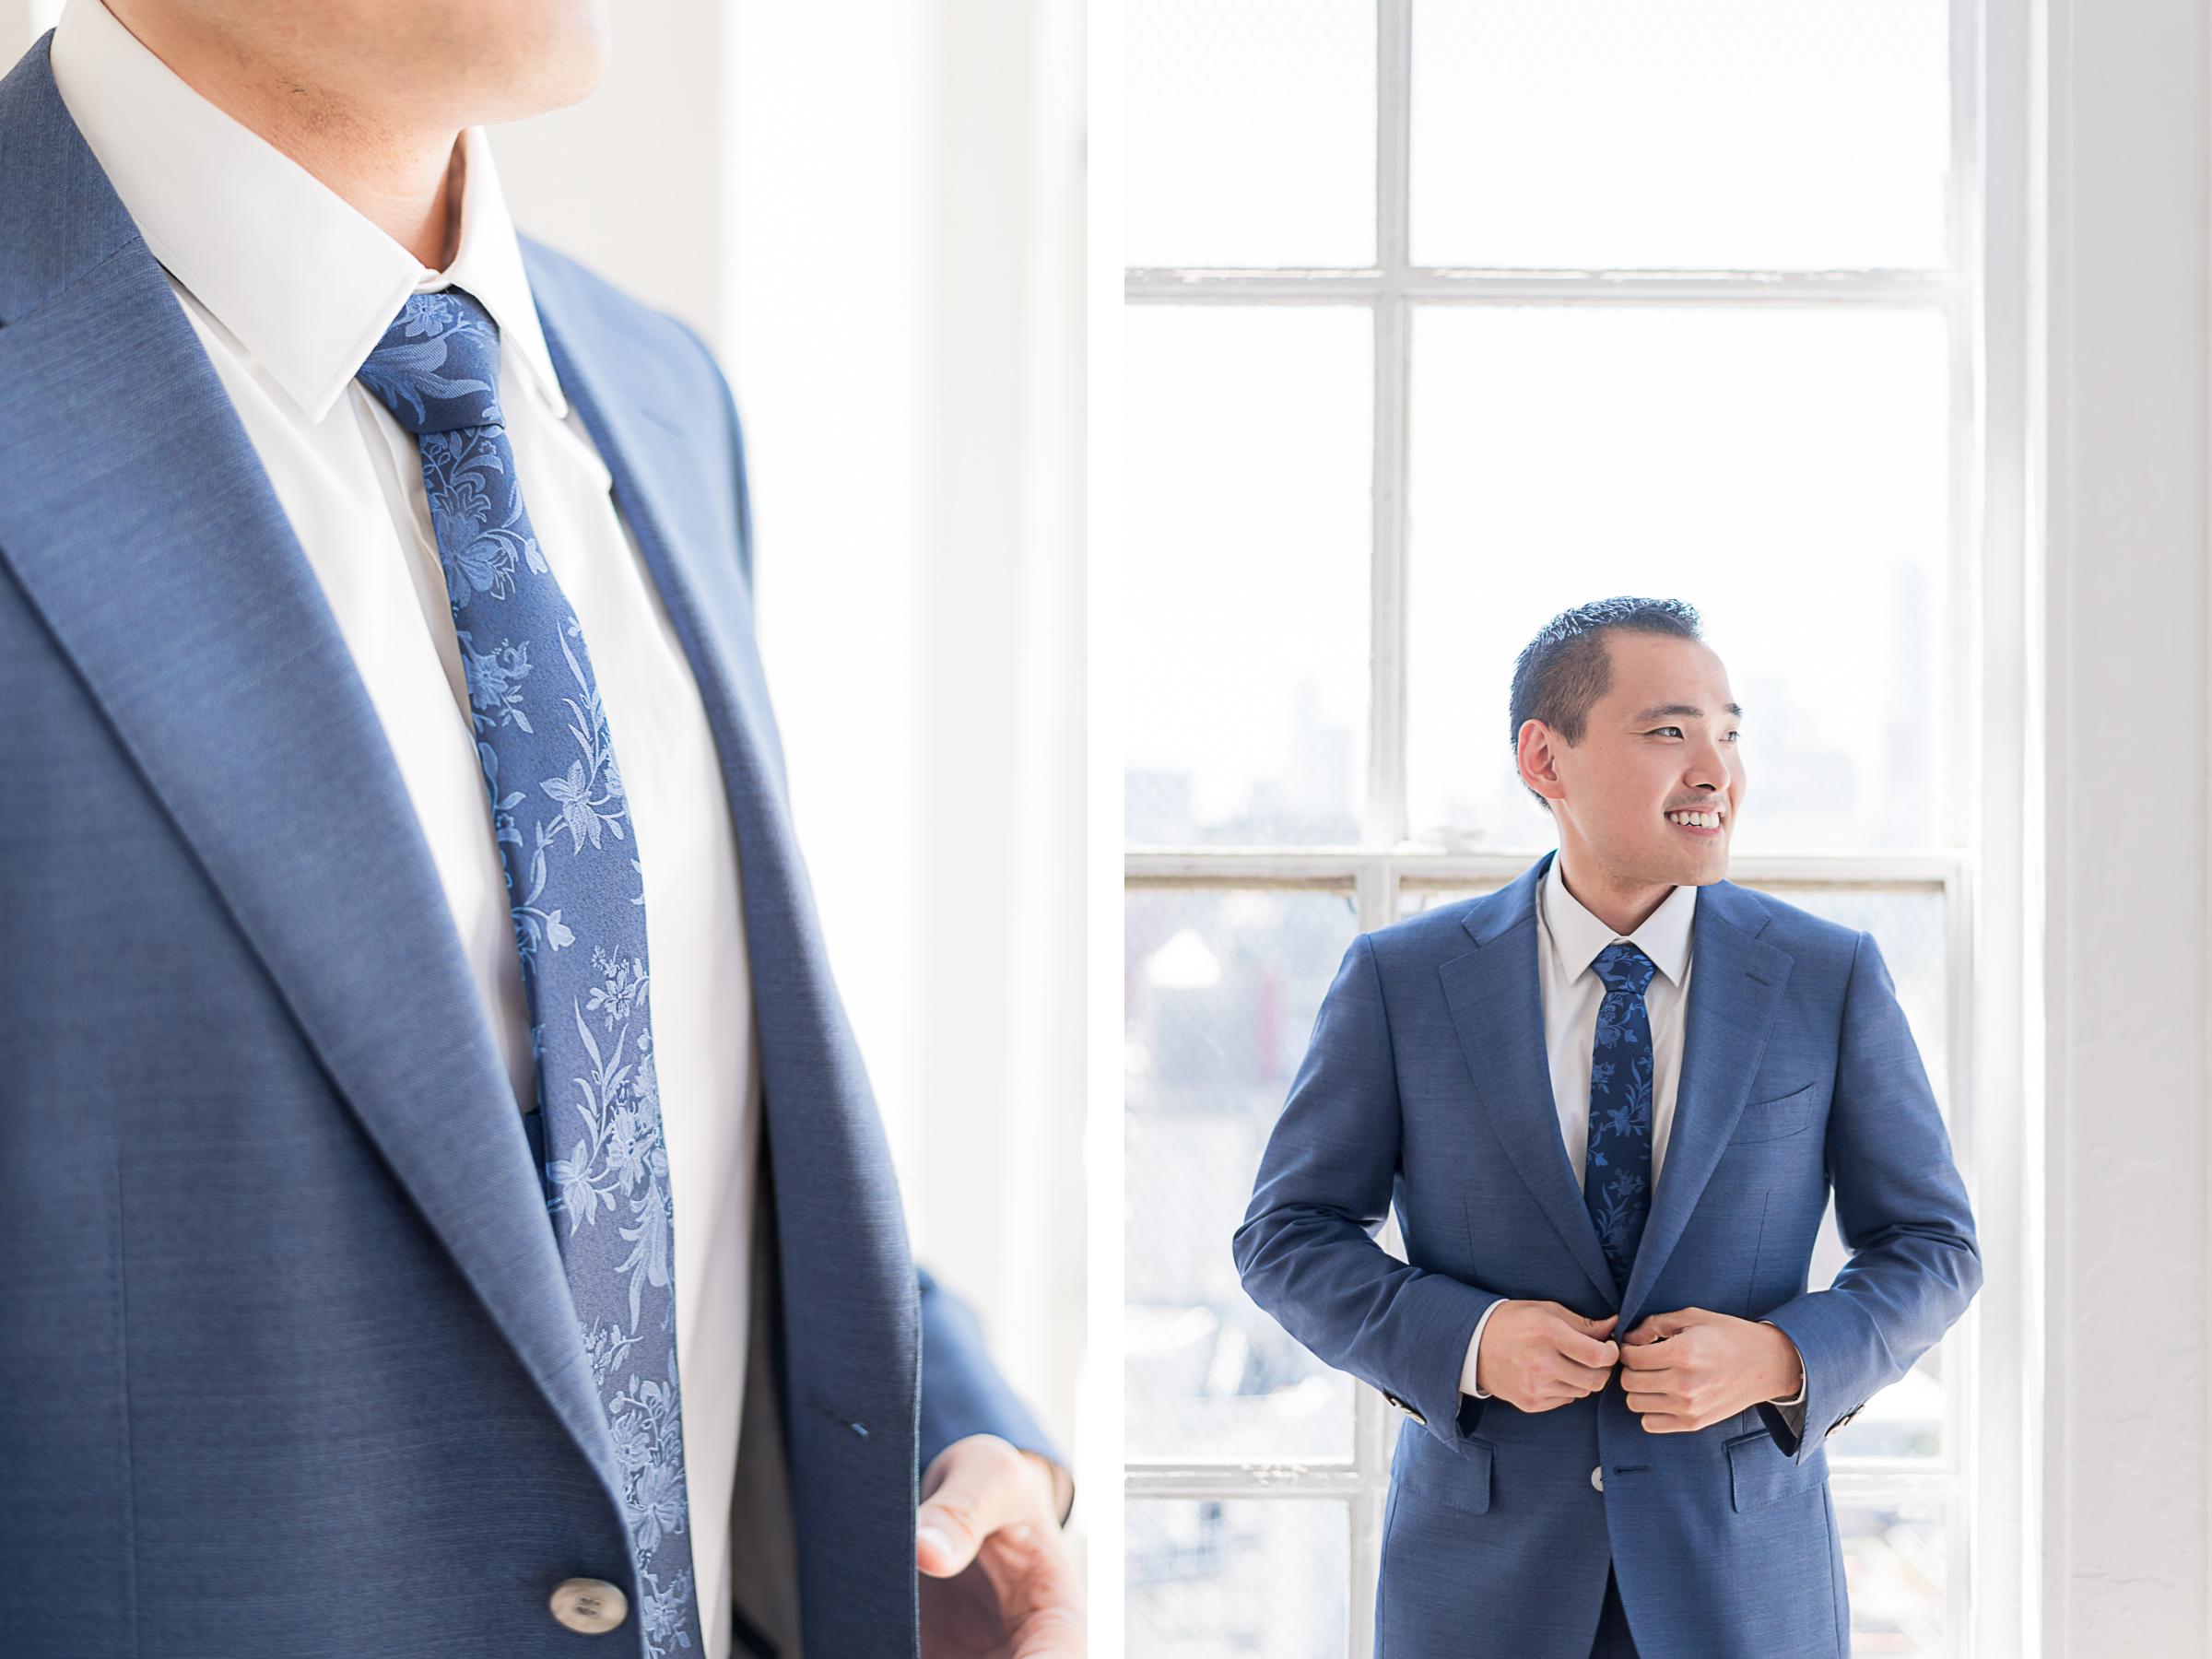 NYC-Ramscale-Wedding-Groom-Suit.jpg